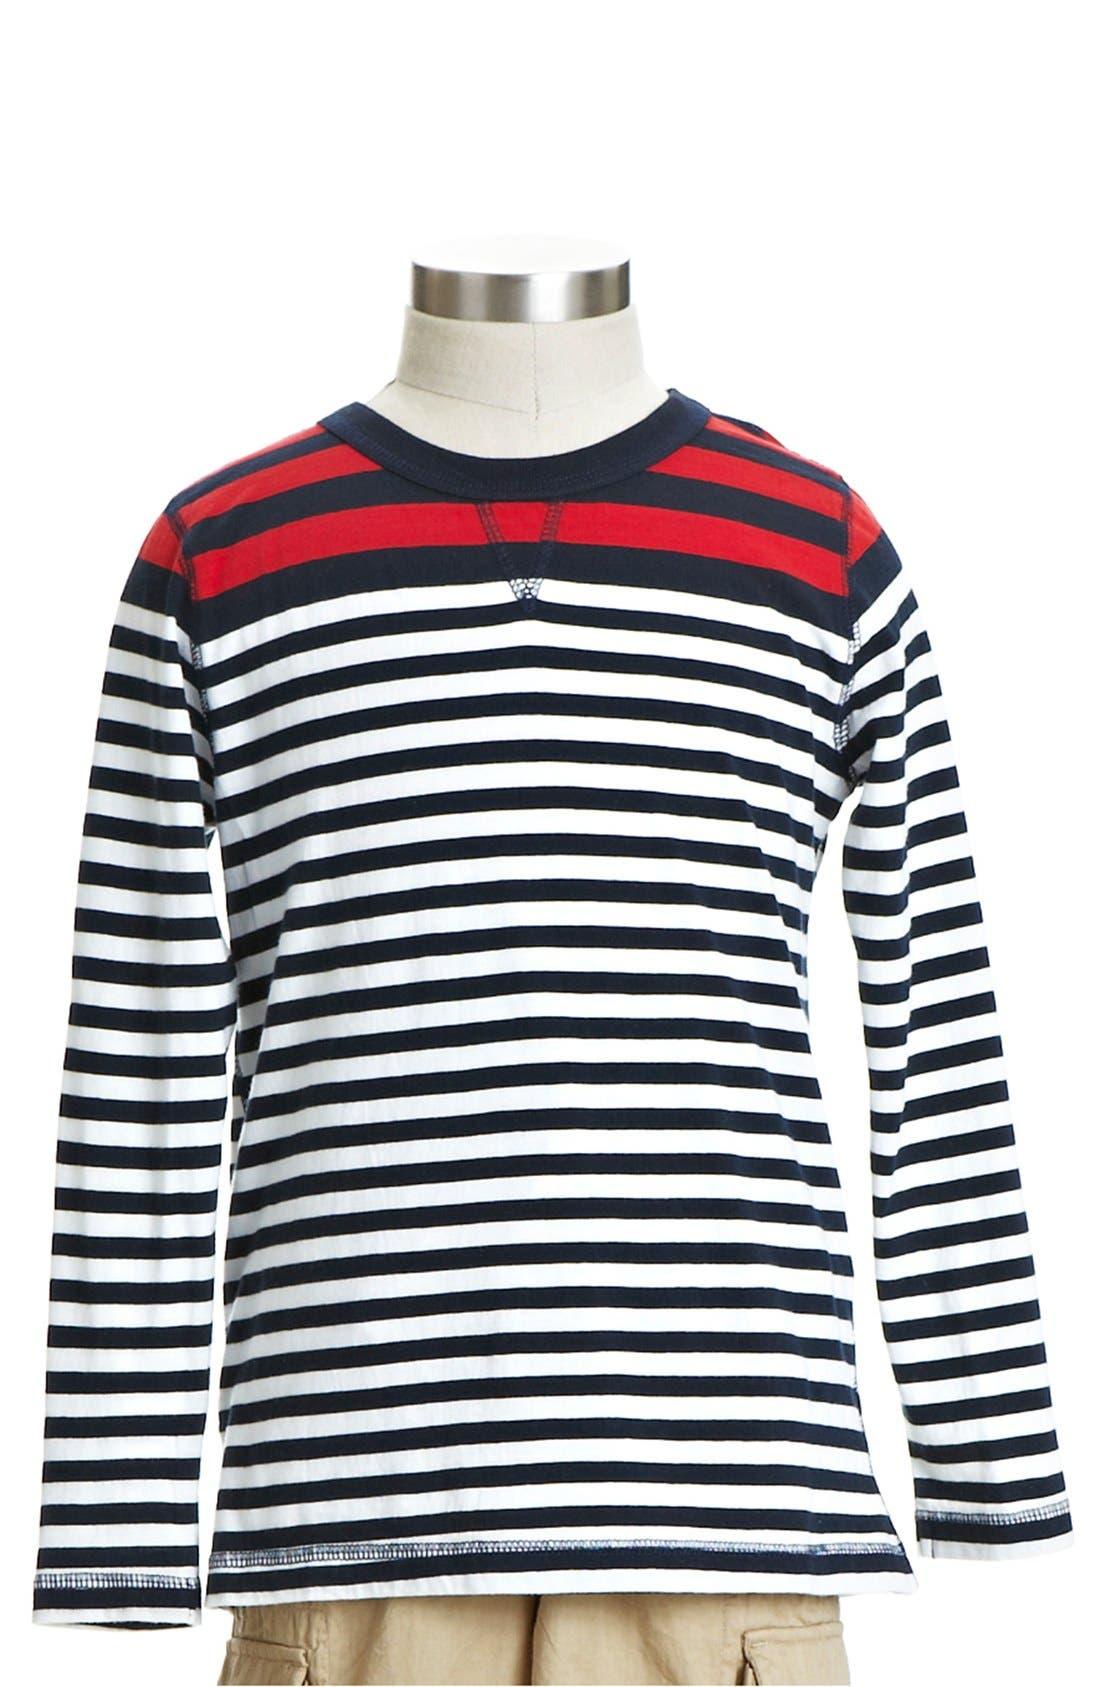 Alternate Image 1 Selected - Peek 'Irving' Stripe T-Shirt (Toddler Boys, Little Boys & Big Boys)